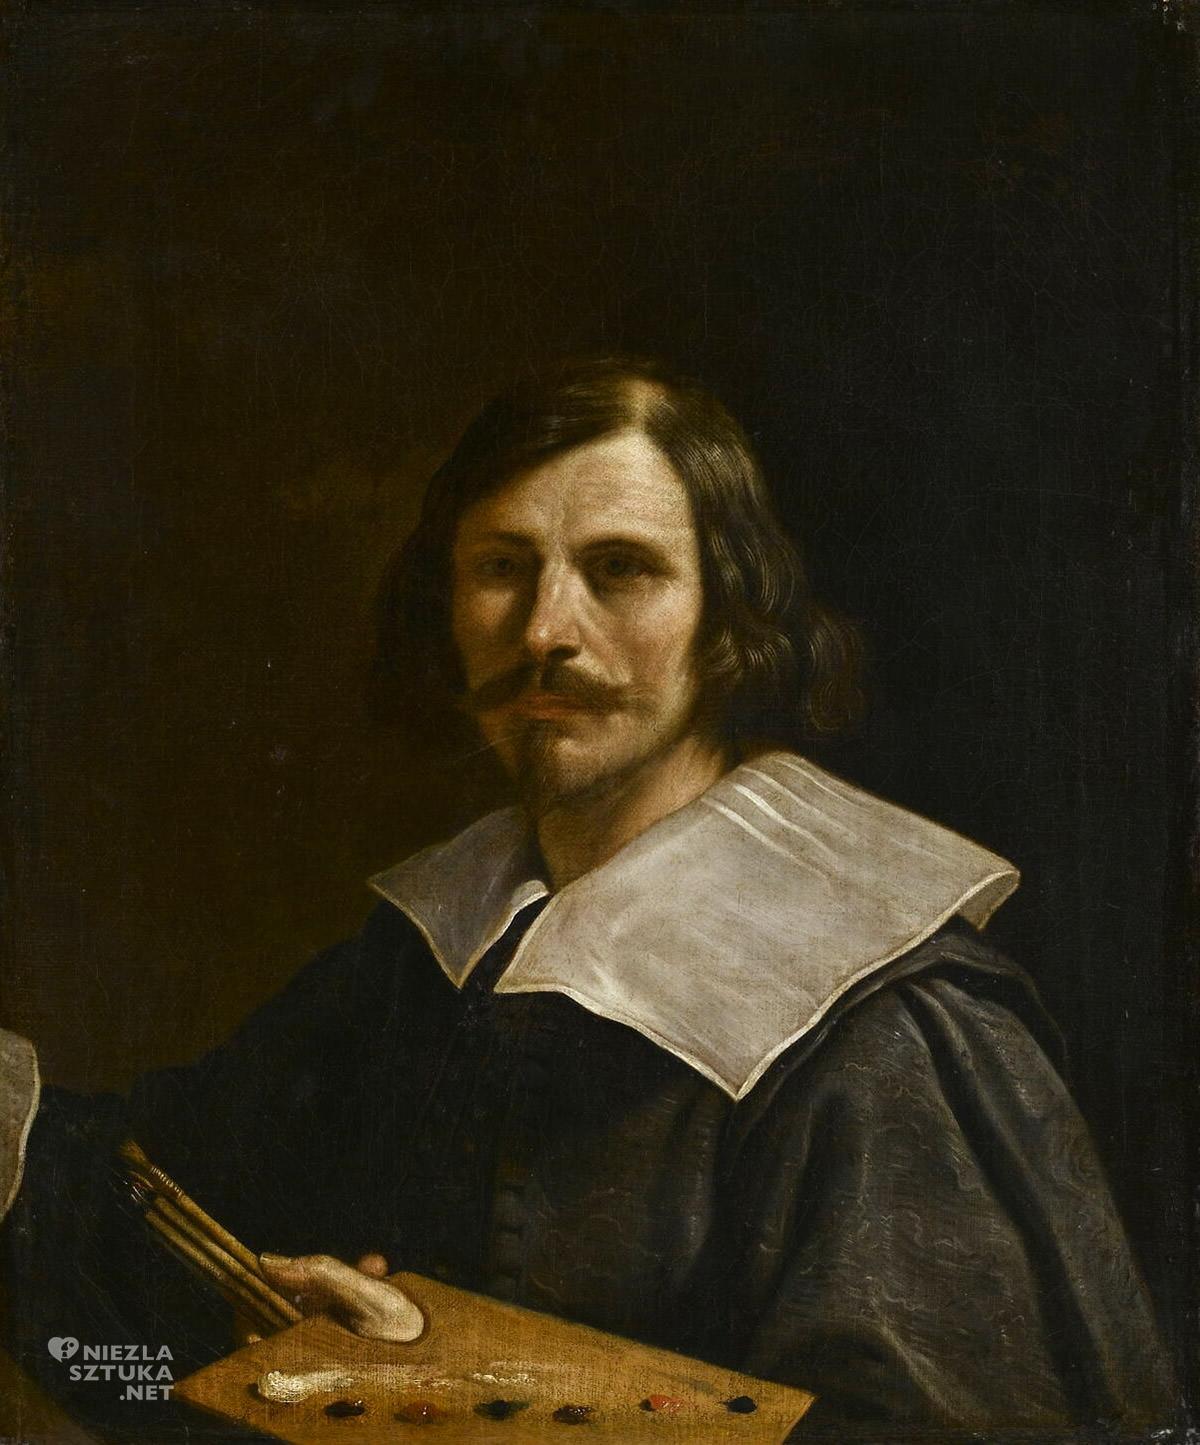 Guercino, Autoportret, Giovanni Francesco Barbieri, sztuka włoska, malarstwo włoskie, barok, niezła sztuka